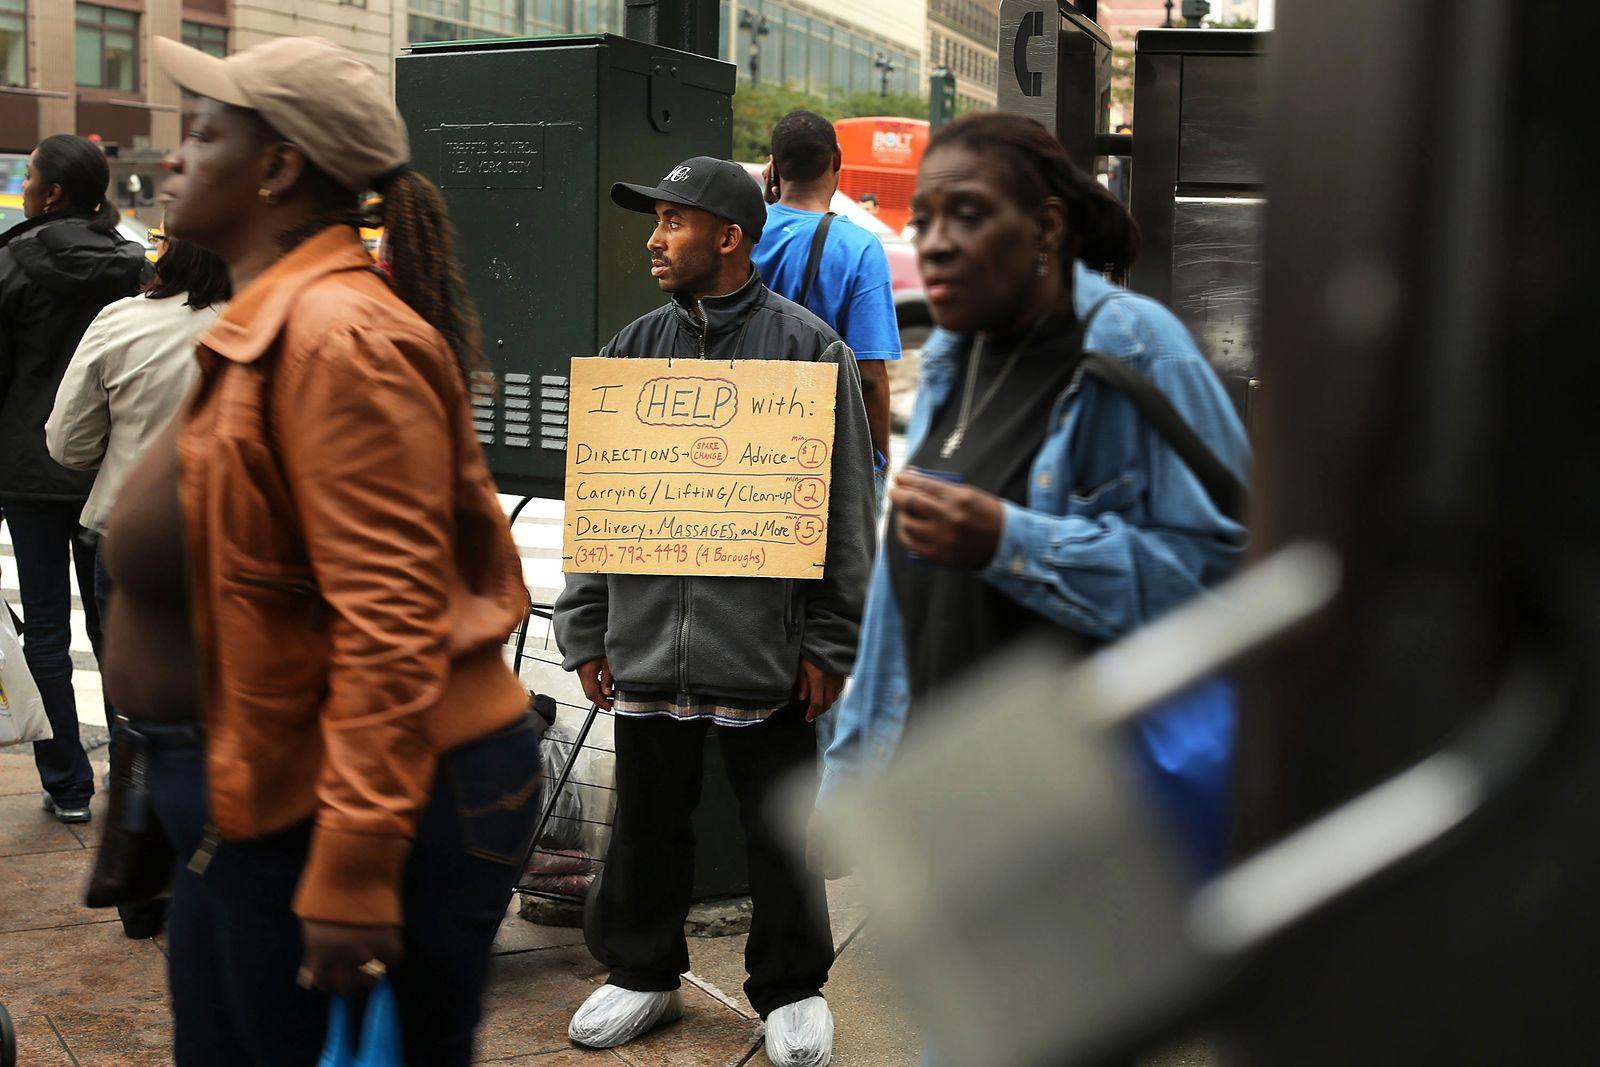 New York / Obdachlose / NYC Obdachlosigkeit / Armut / USA